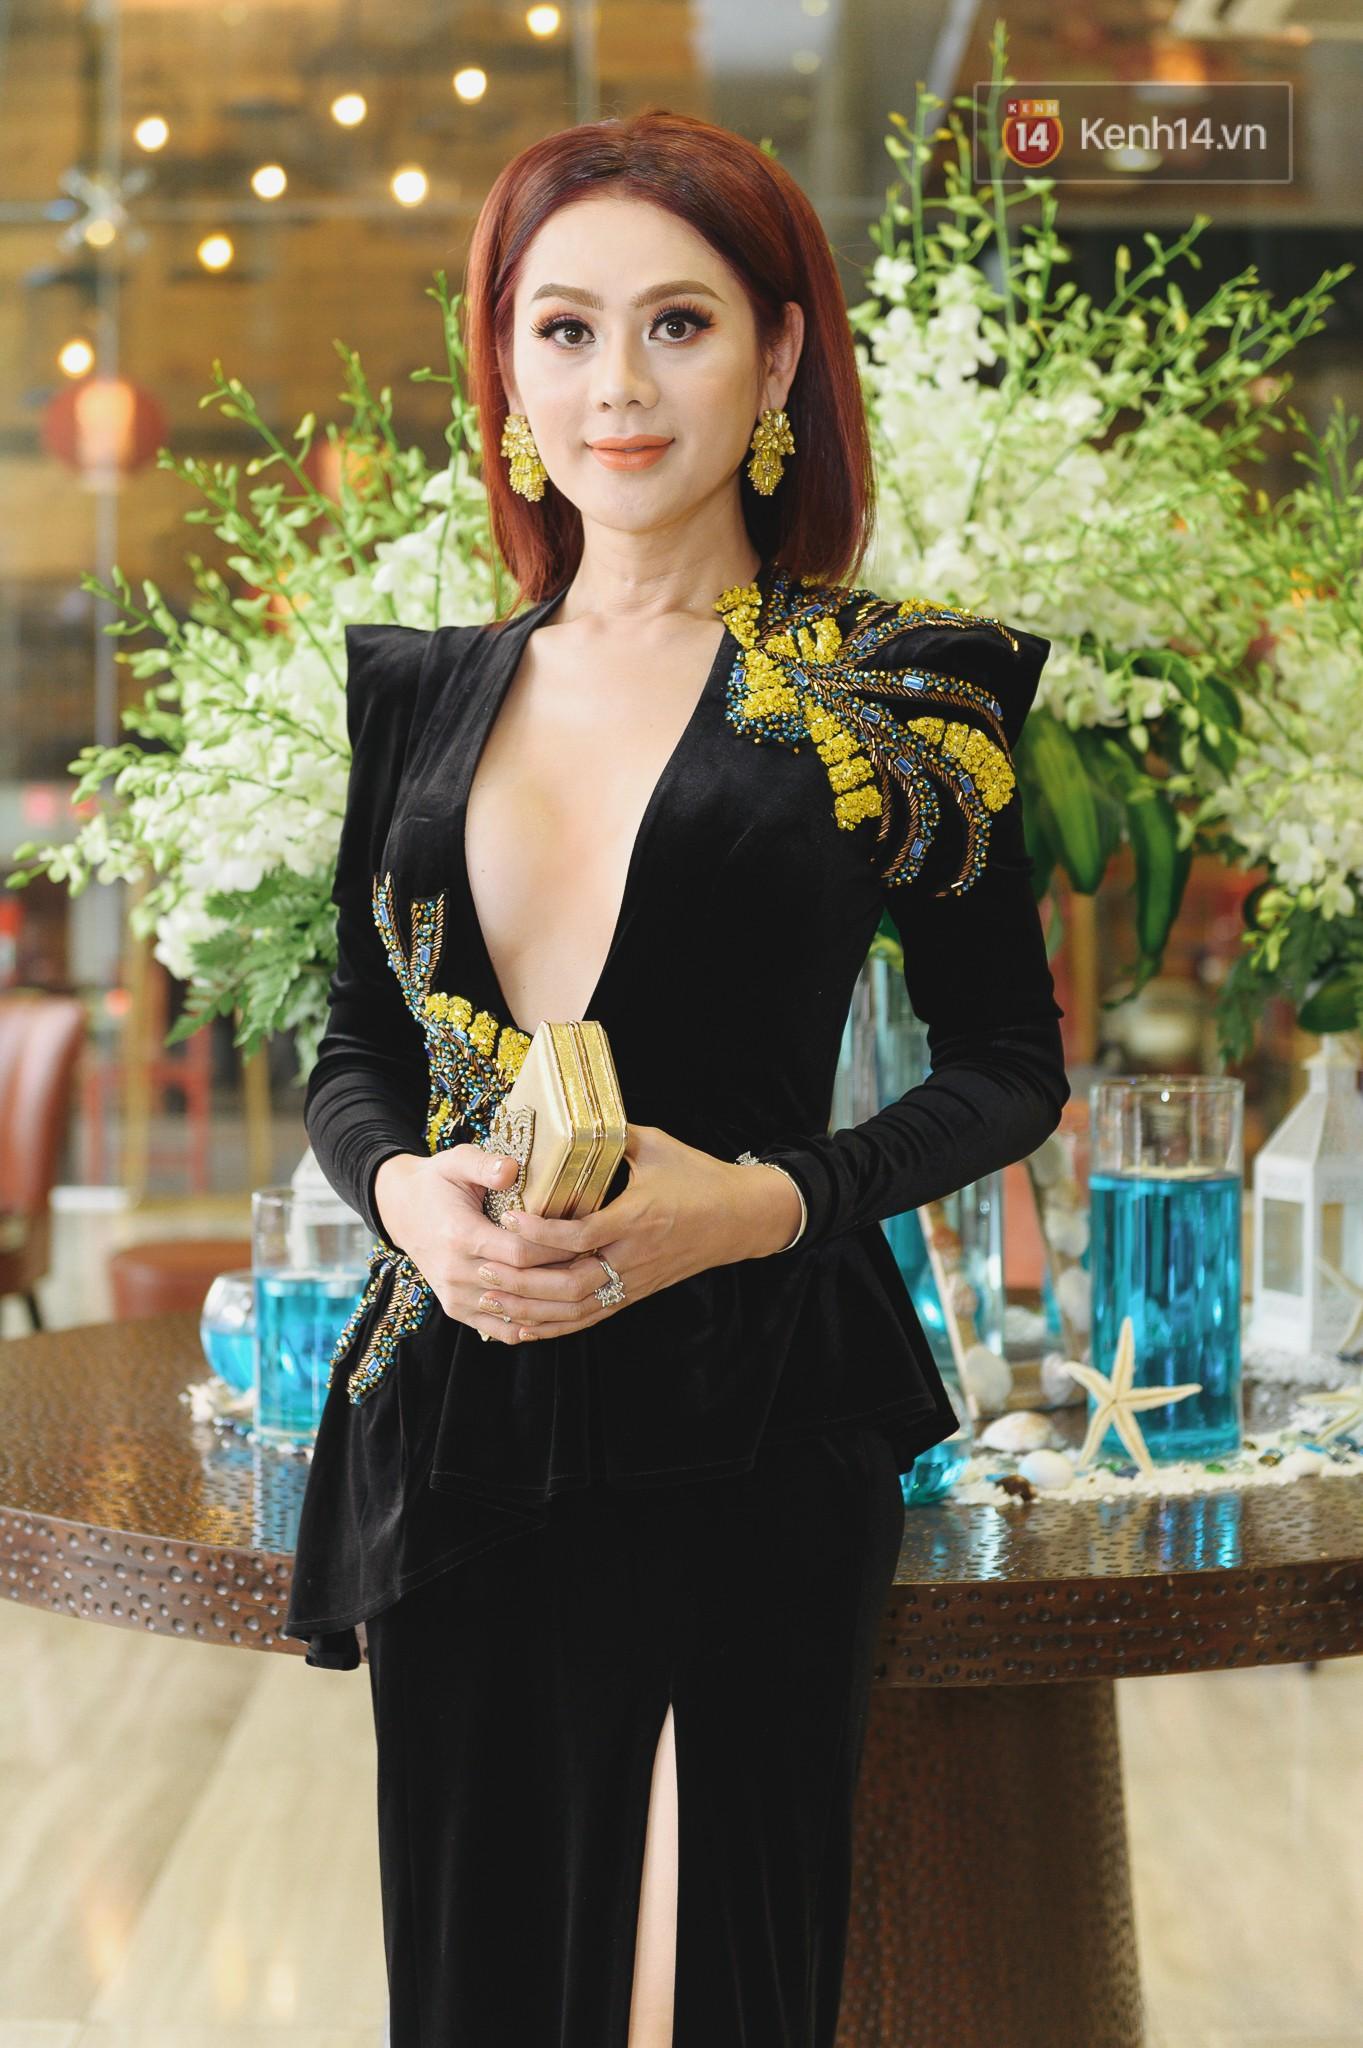 Tân Hoa hậu Siêu quốc gia 2018 phản ứng bất ngờ về loạt scandal của Minh Tú tại Miss Supranational 2018 - Ảnh 12.